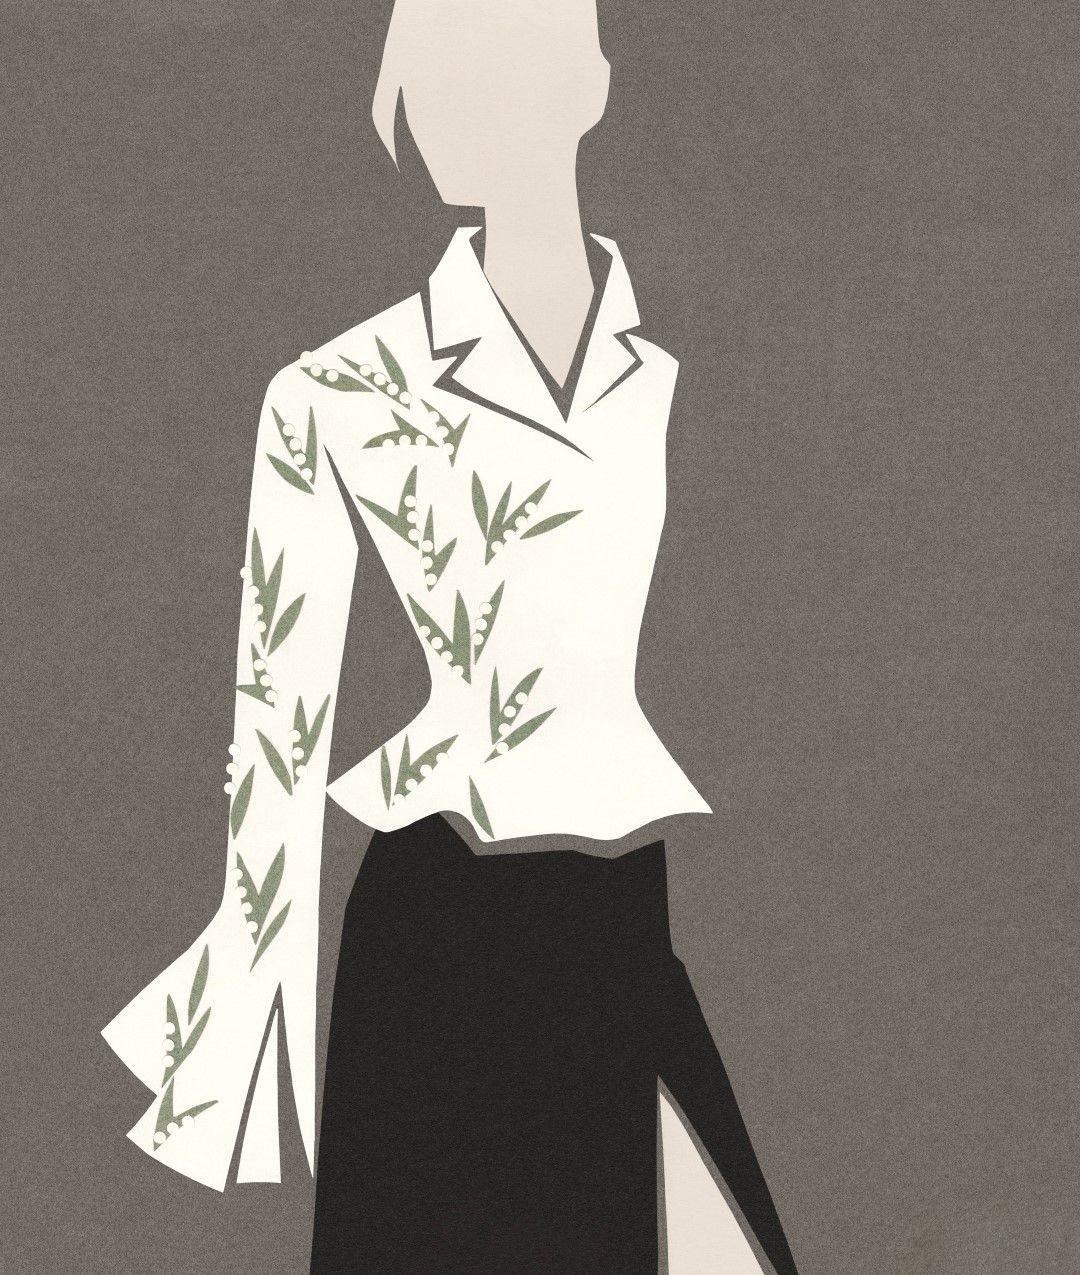 Dior by Mats Gustafson 插画作品7